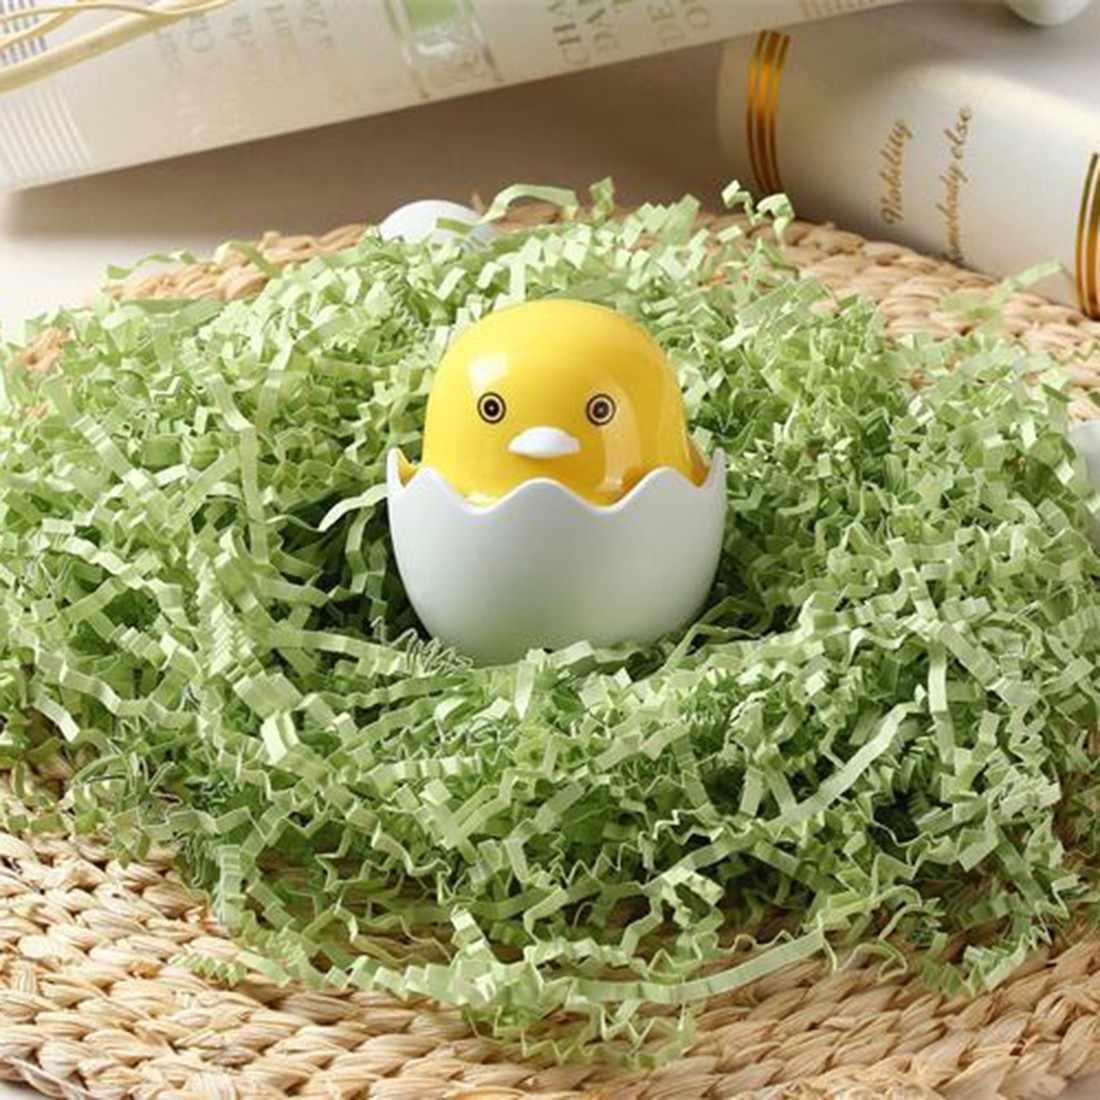 Популярная Ночная милые маленькая Желтая утка ночник детская спальня творческий мультфильм Декор лампы ЕС Plug